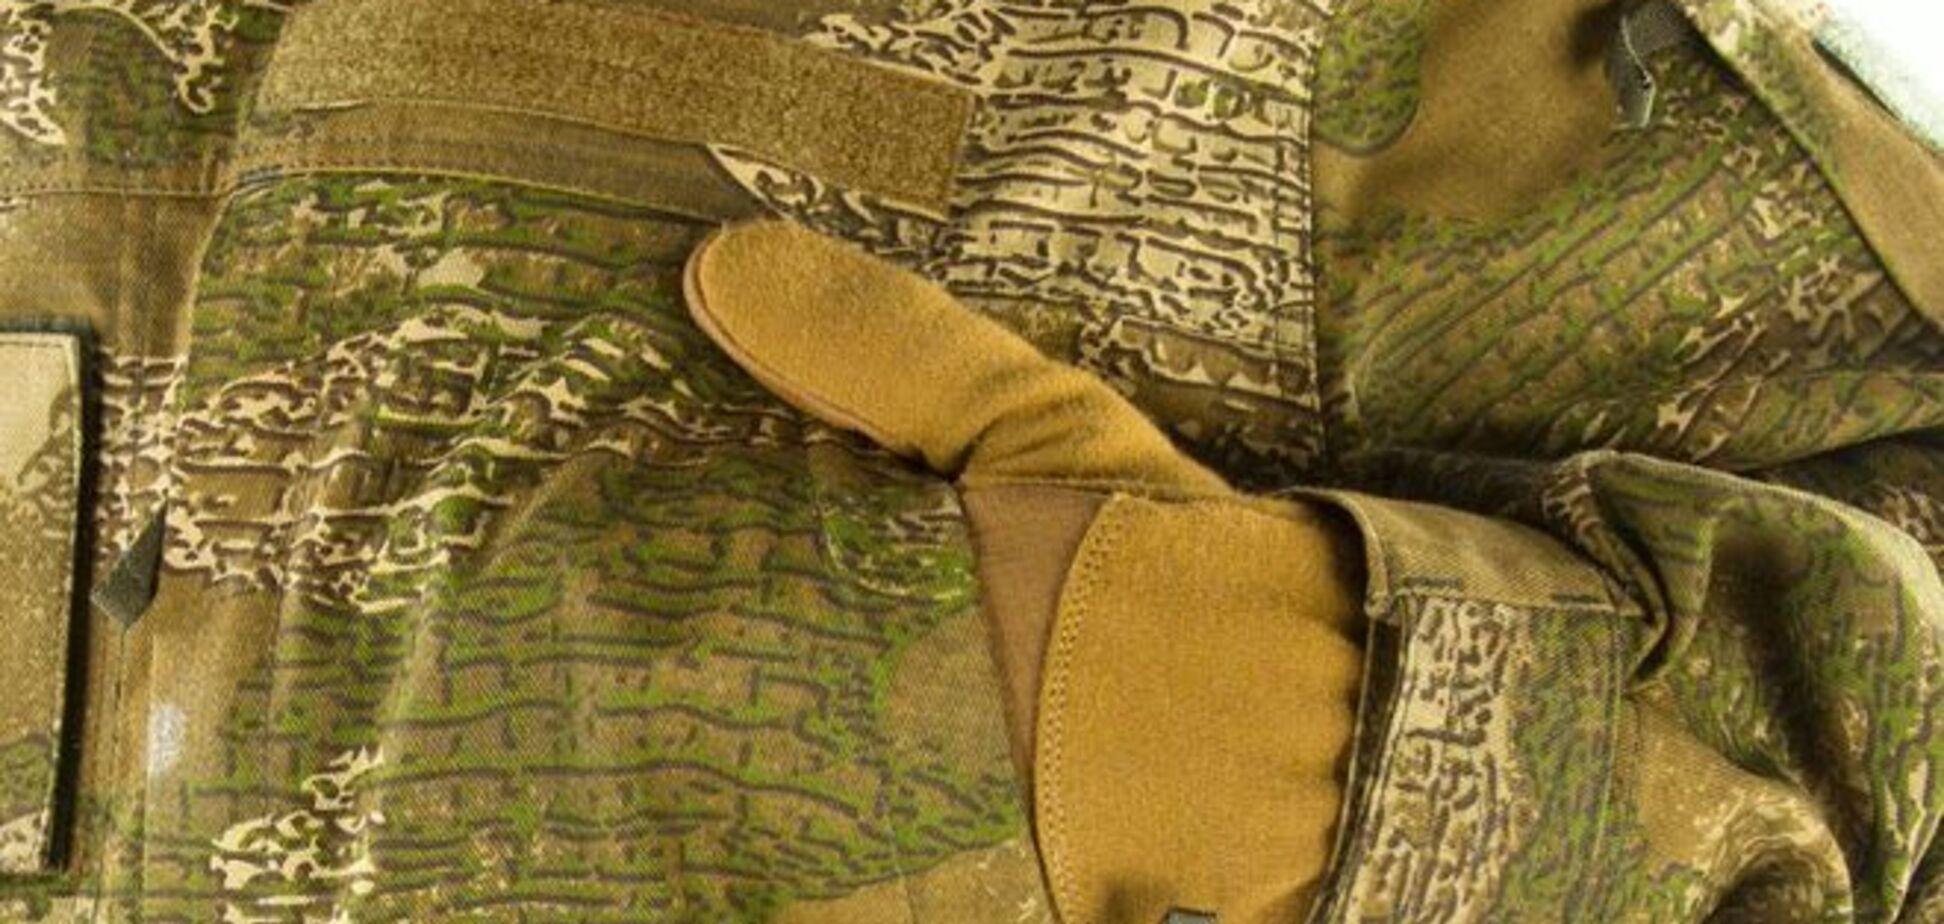 Бойцов АТО оденут в 'форму-невидимку': опубликованы фото